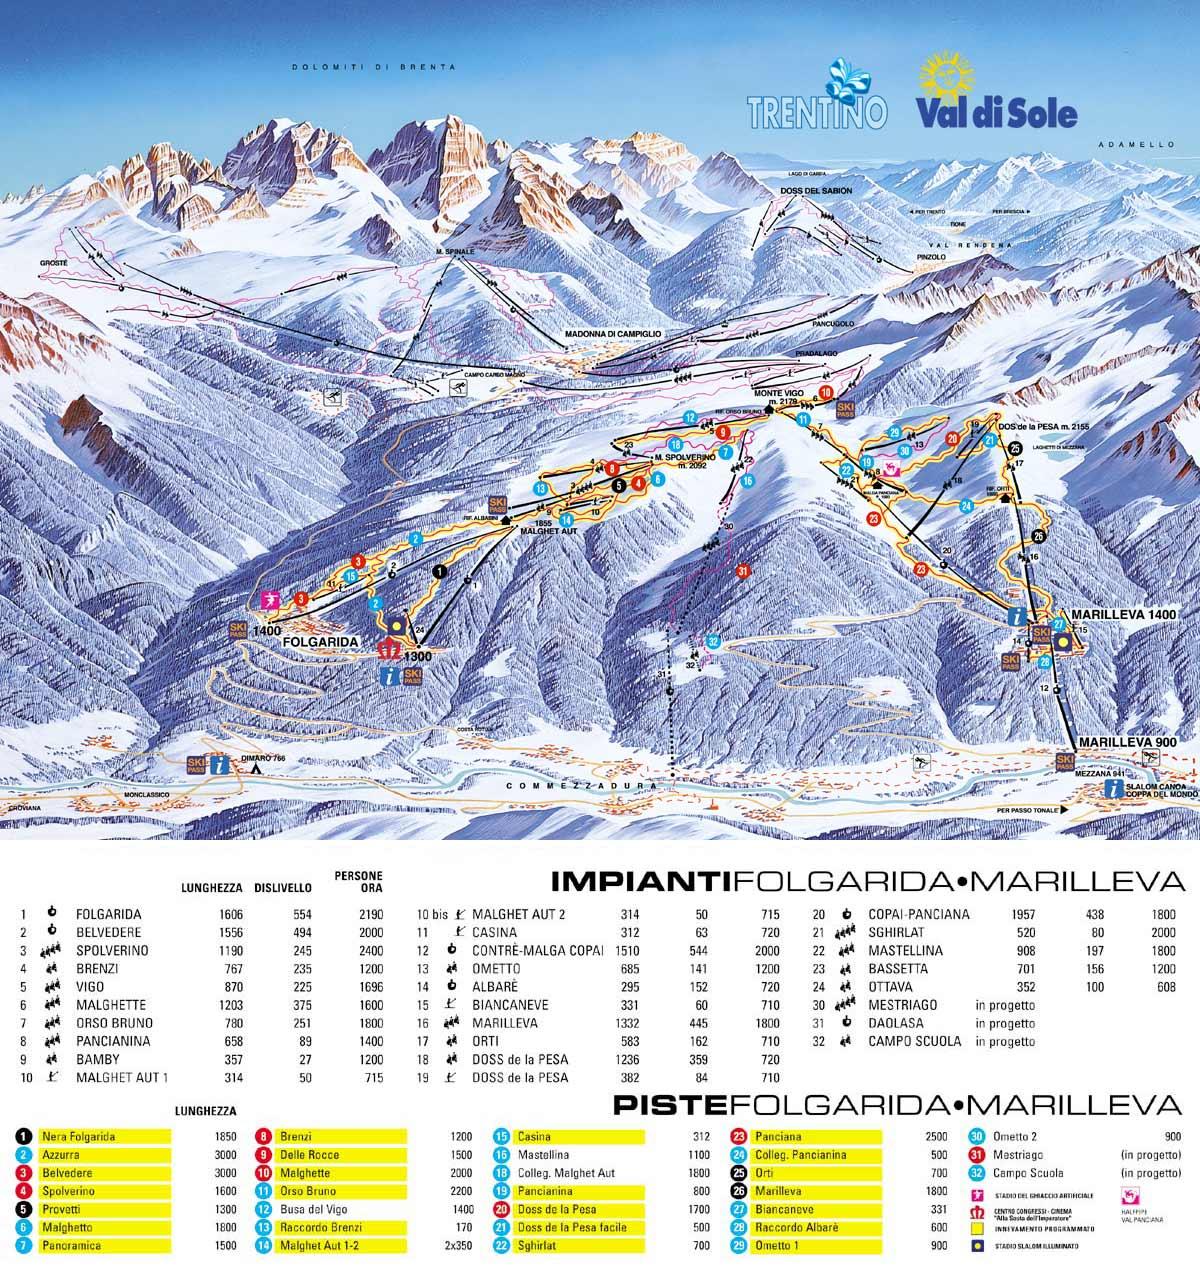 Folgarida Marilleva Italy Skiing Italy Italian ski resorts